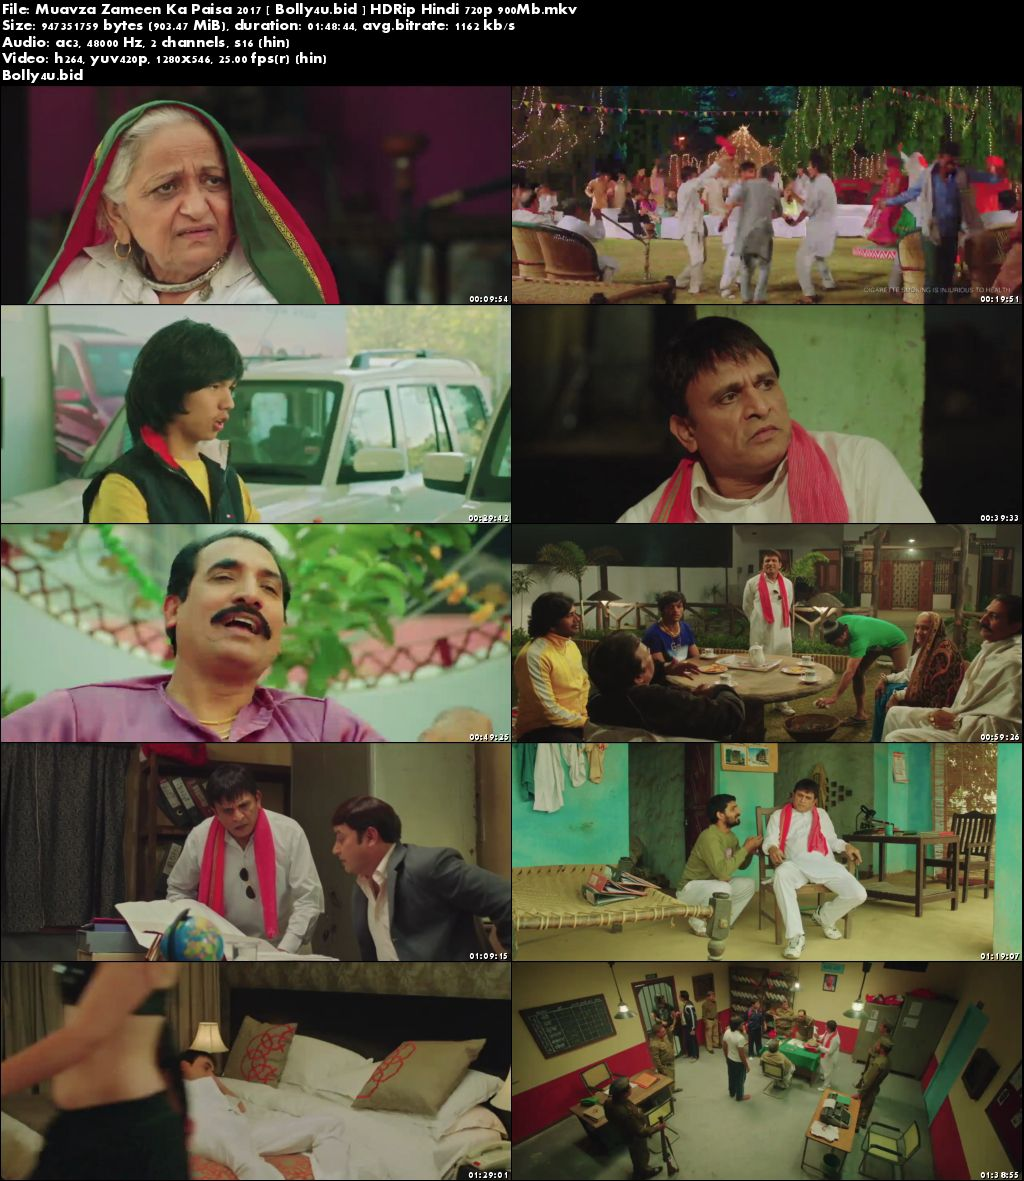 Muavza Zameen Ka Paisa 2017 HDRip 300Mb Hindi 480p Download